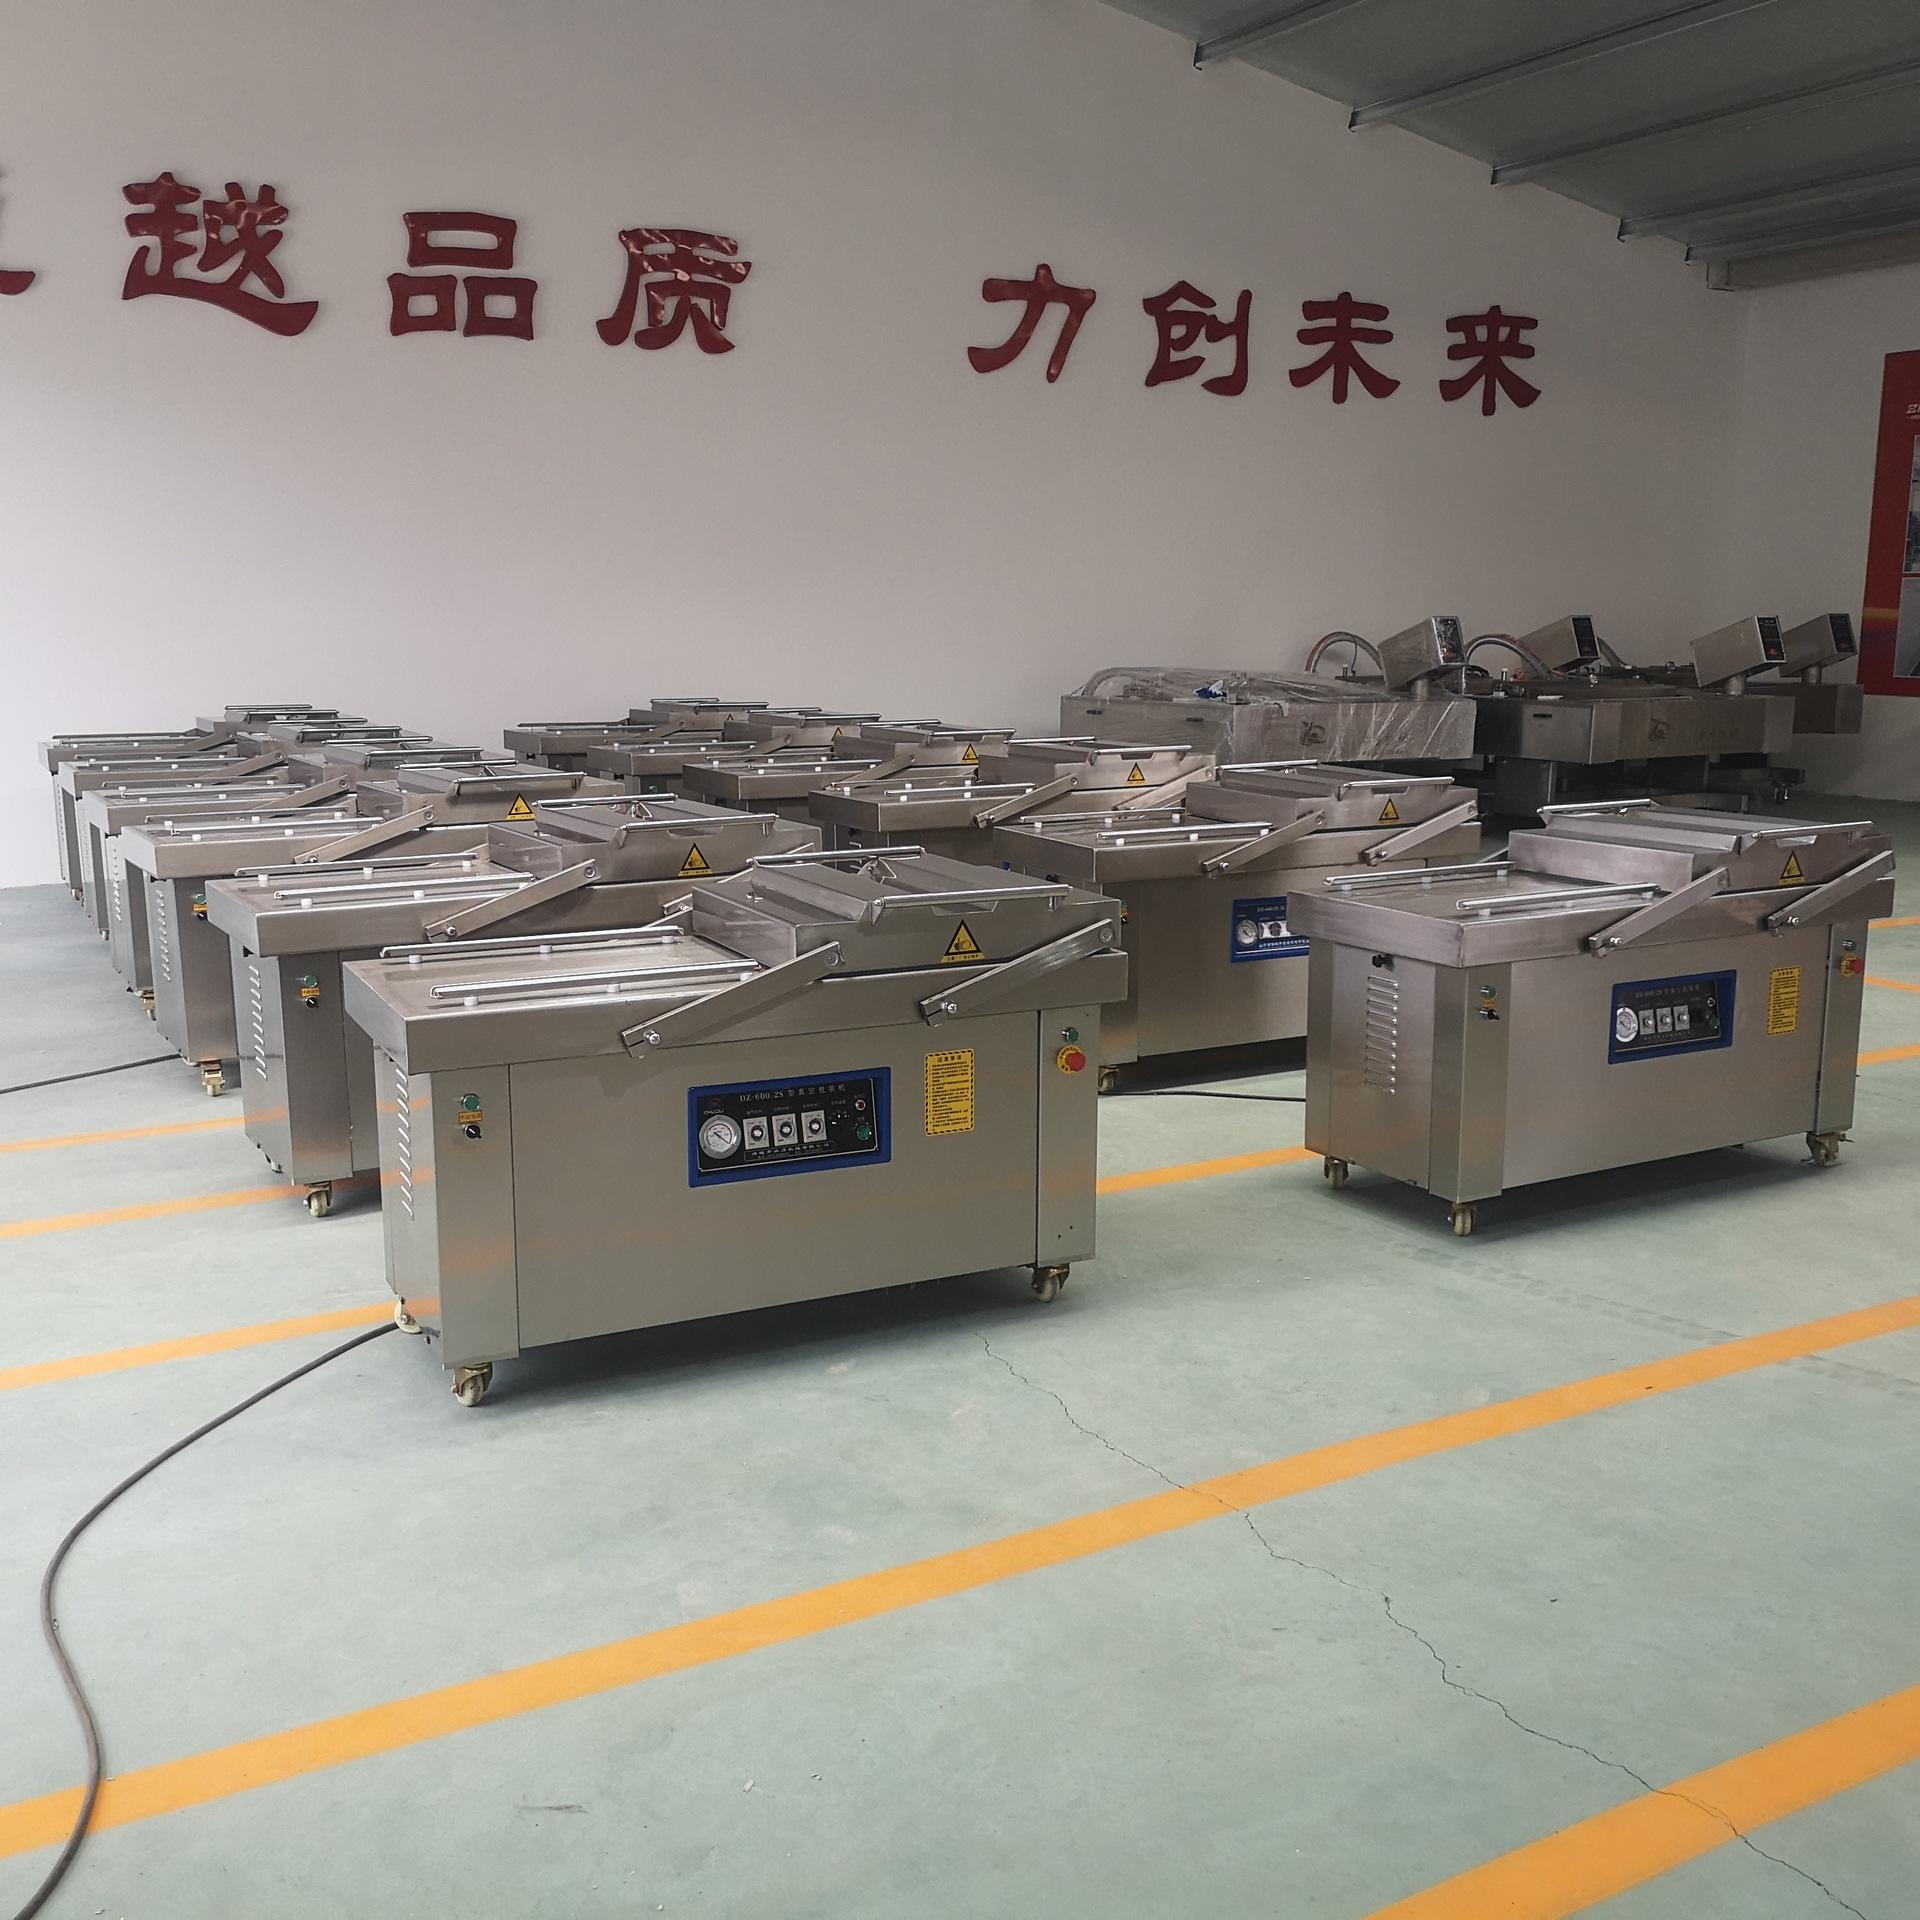 优德88中文客户端食品真空封口机鱿鱼全自动 卓力盈信 600玉米棒真空包装机机